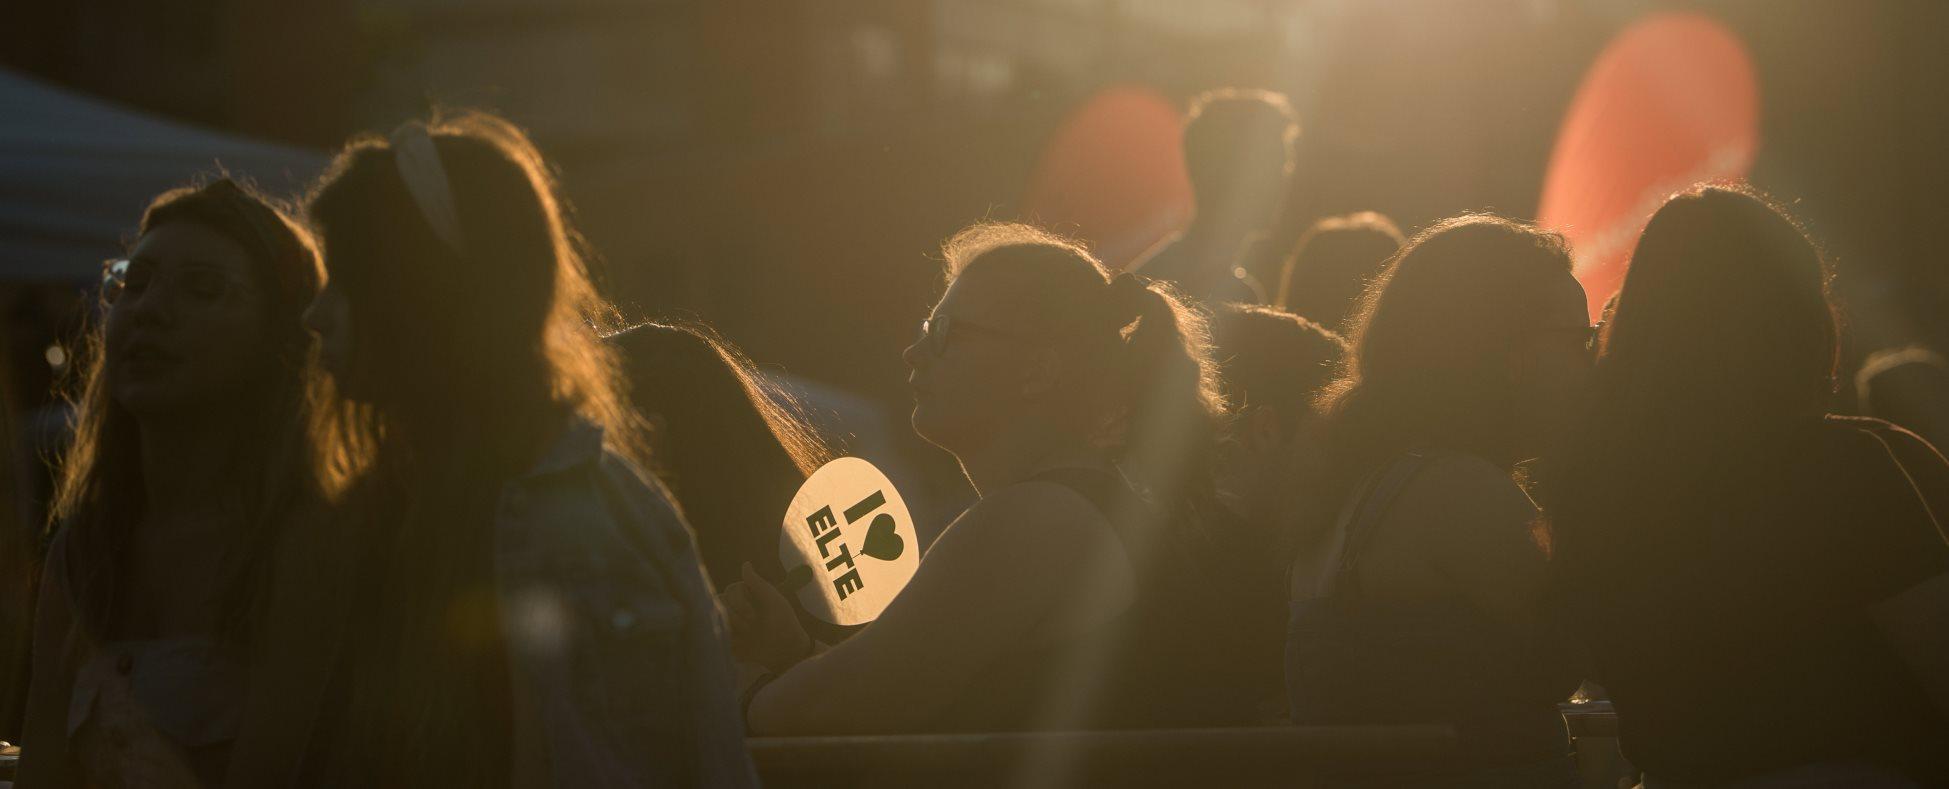 Felvételi - Nyilvánosak a felsőoktatási ponthatárok - Budapest